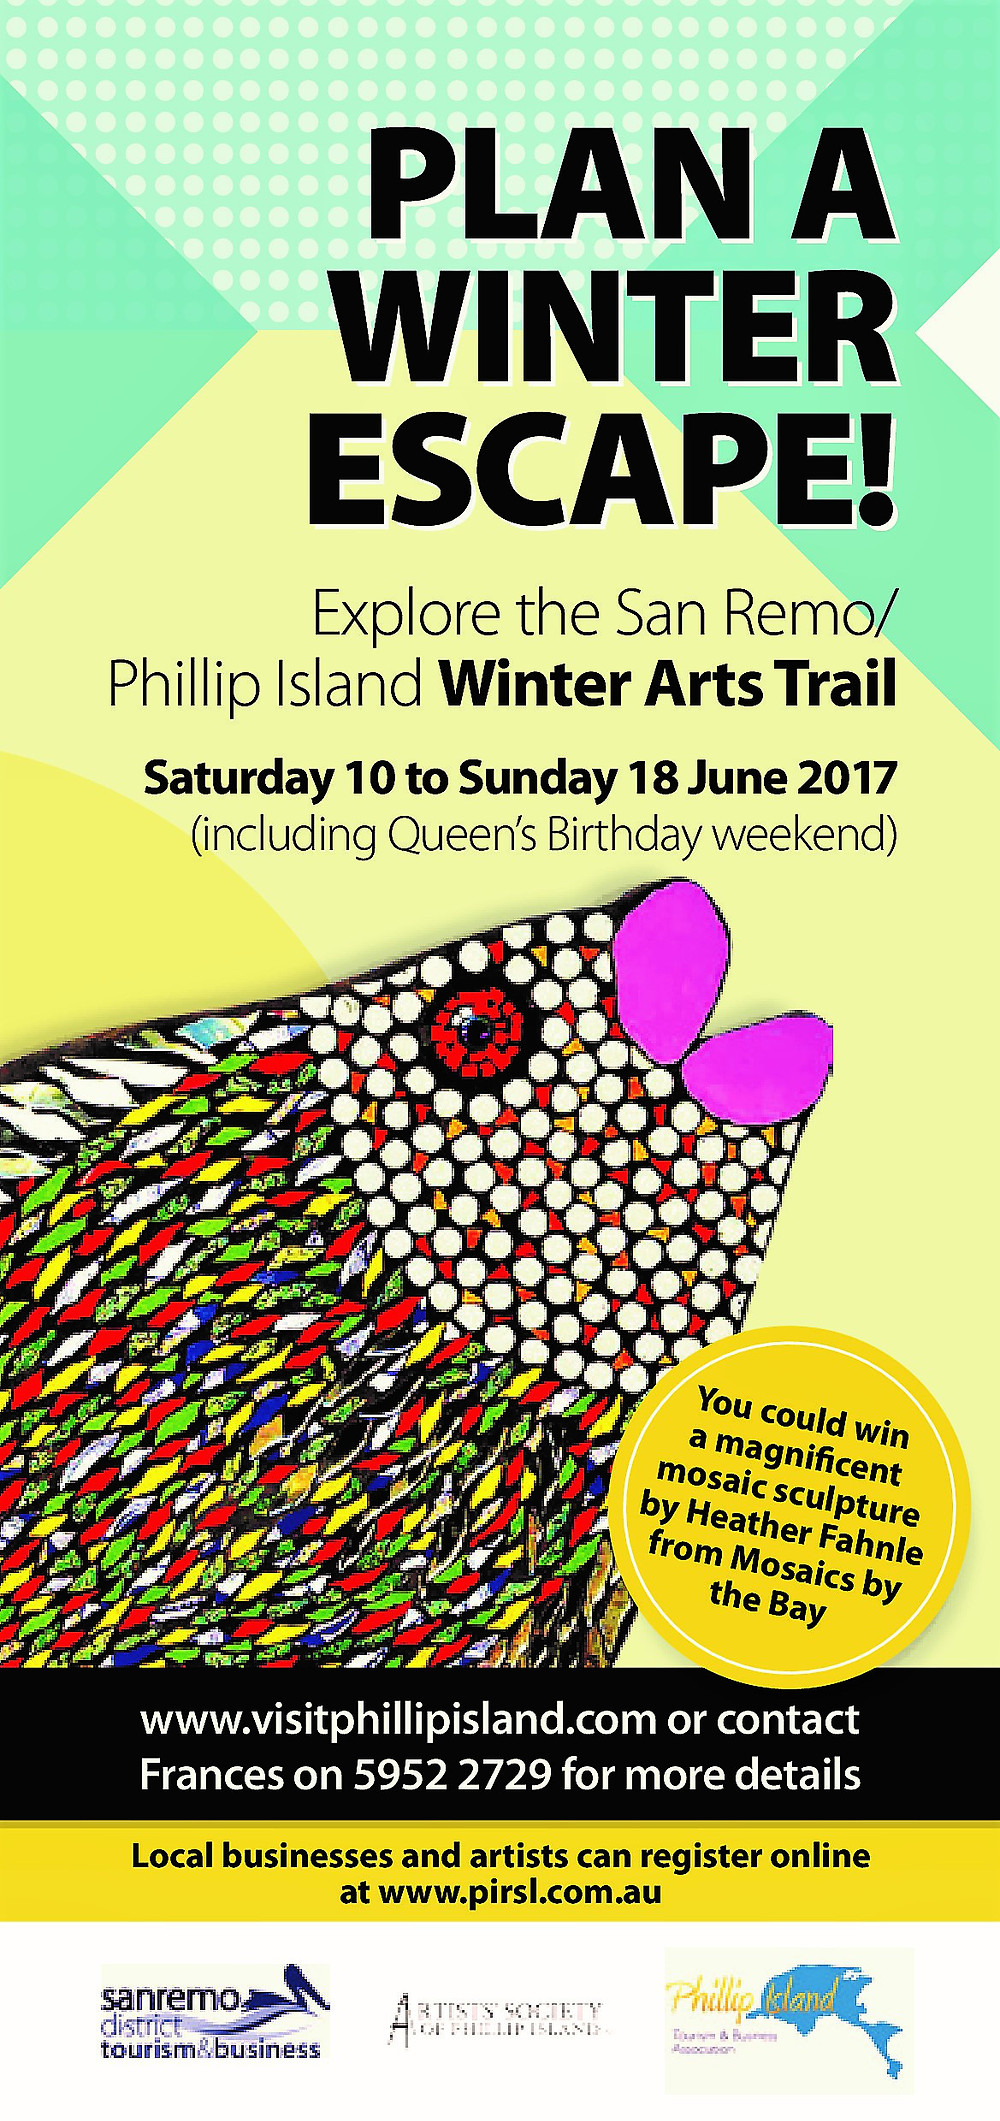 Winter Escape at Phillip Island